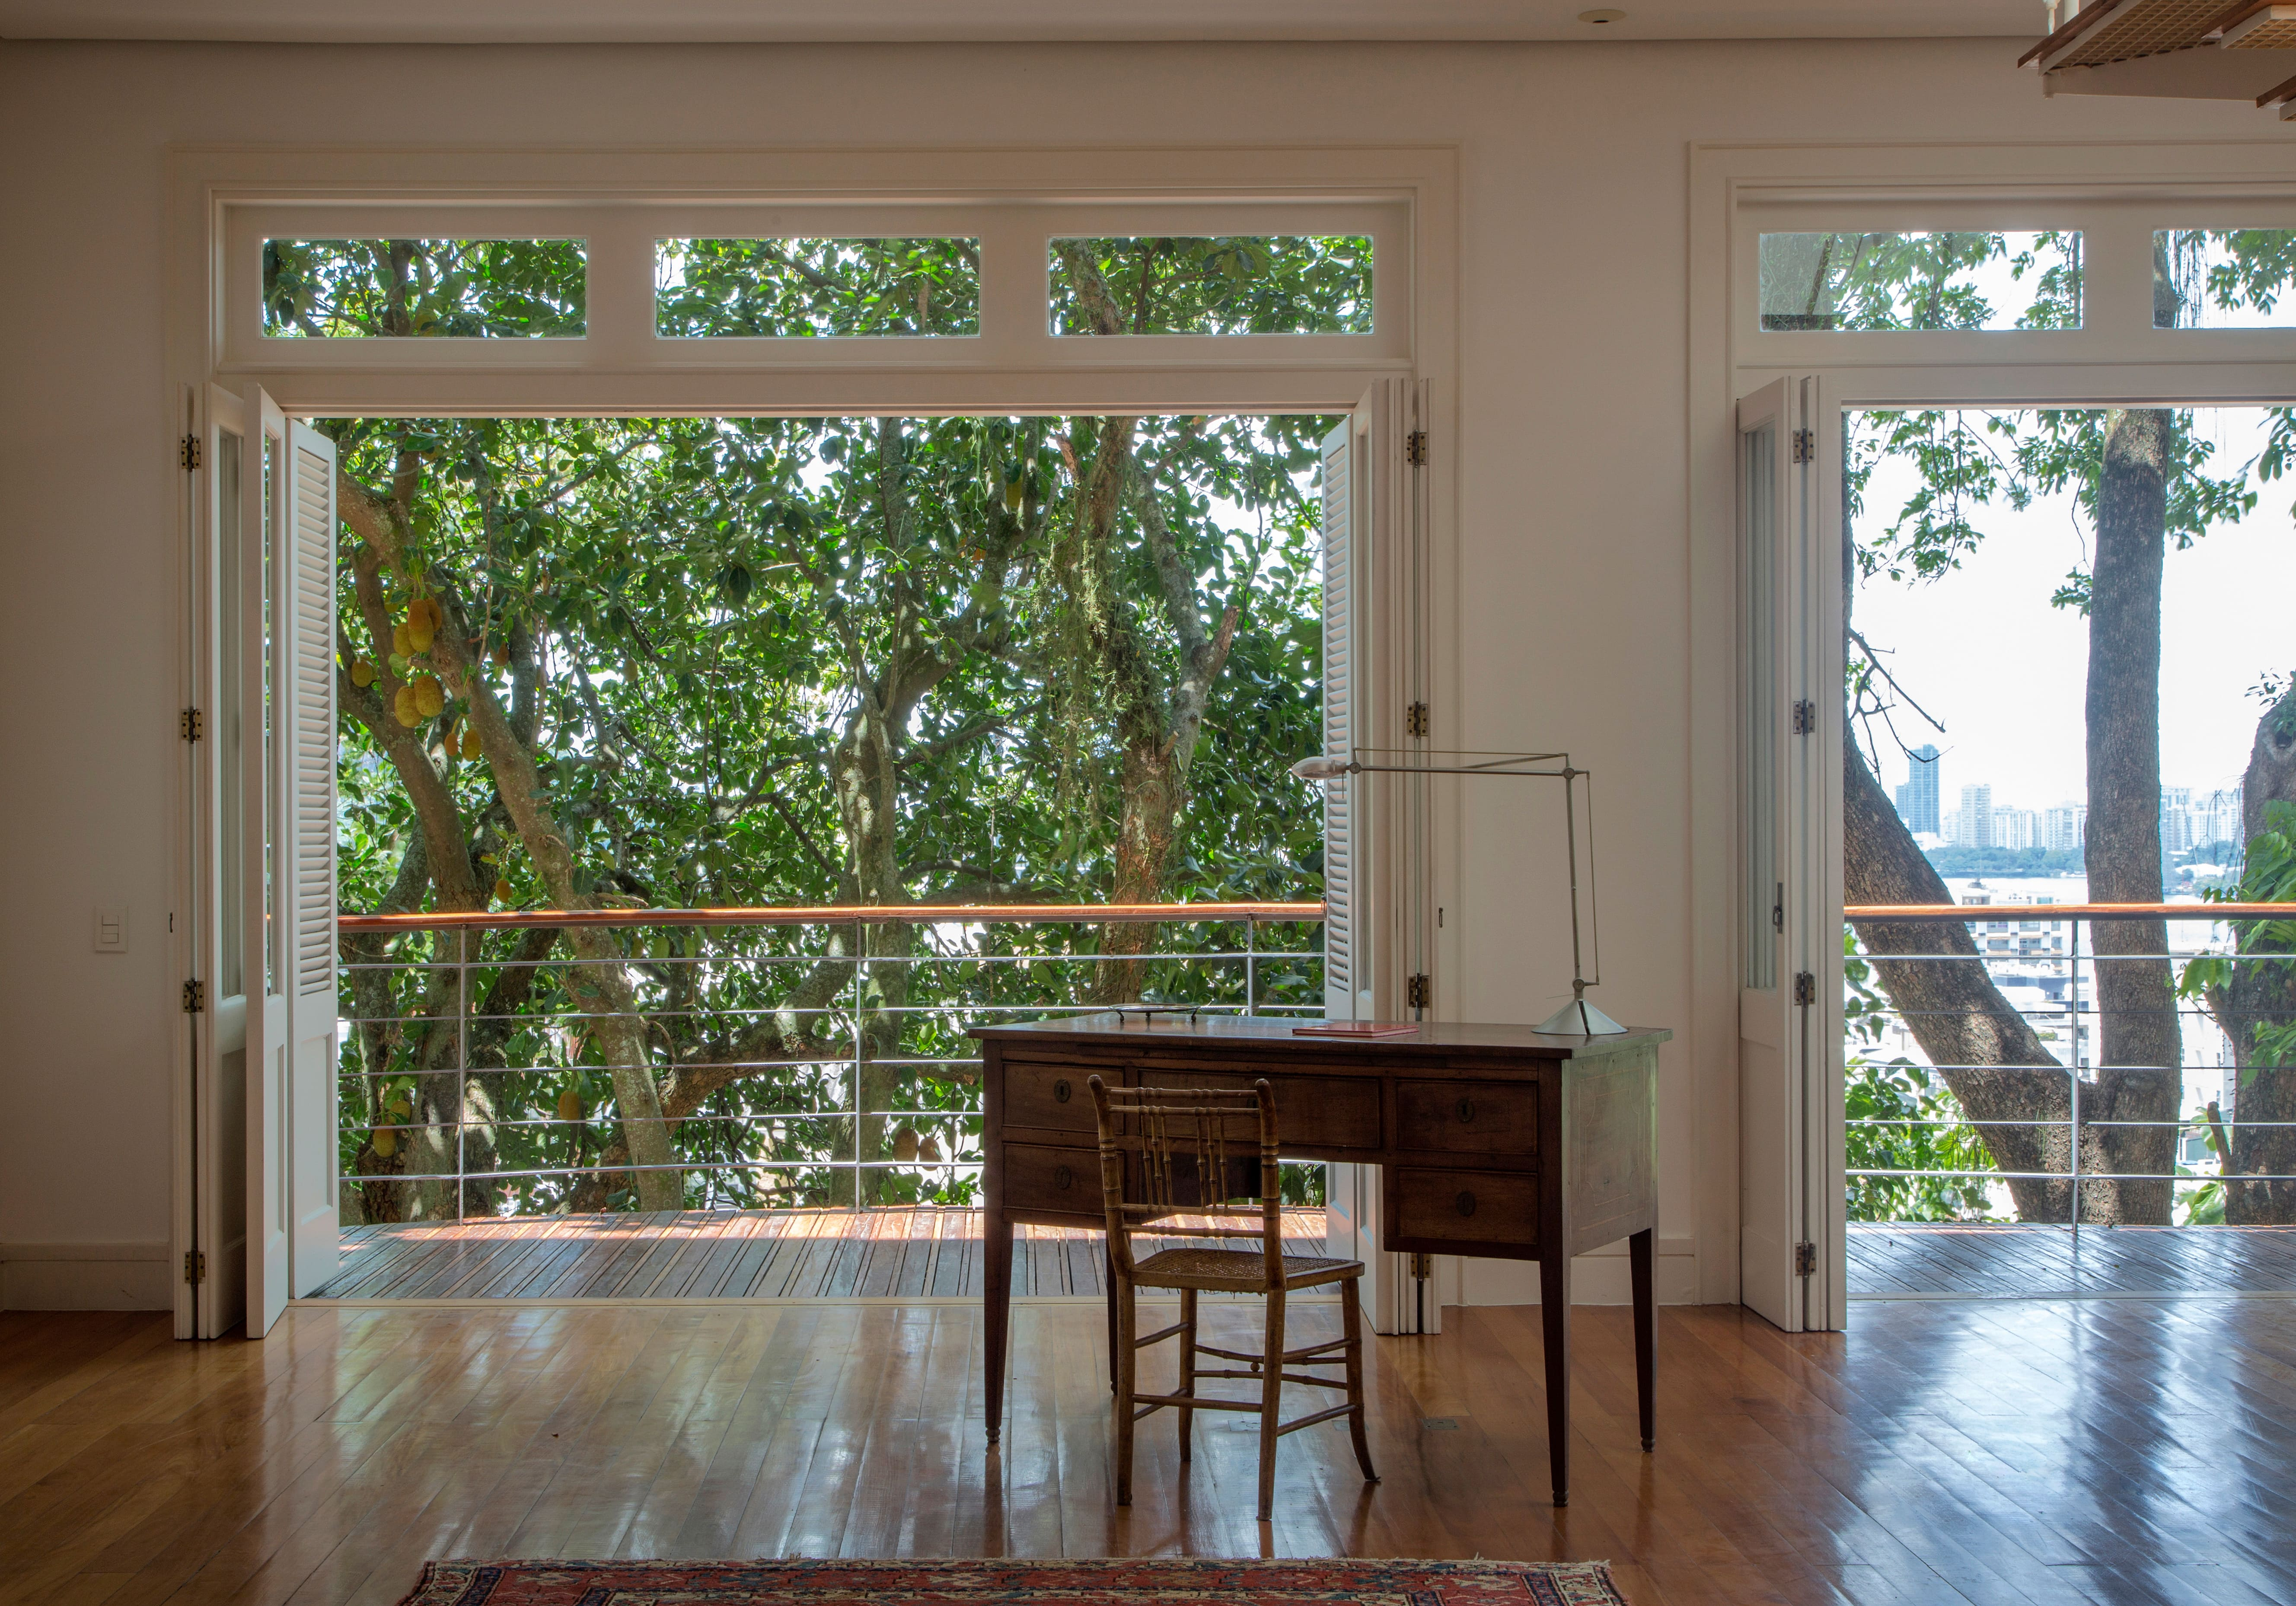 imagem mostra uma escrivaninha na sala com luz natural e janelas